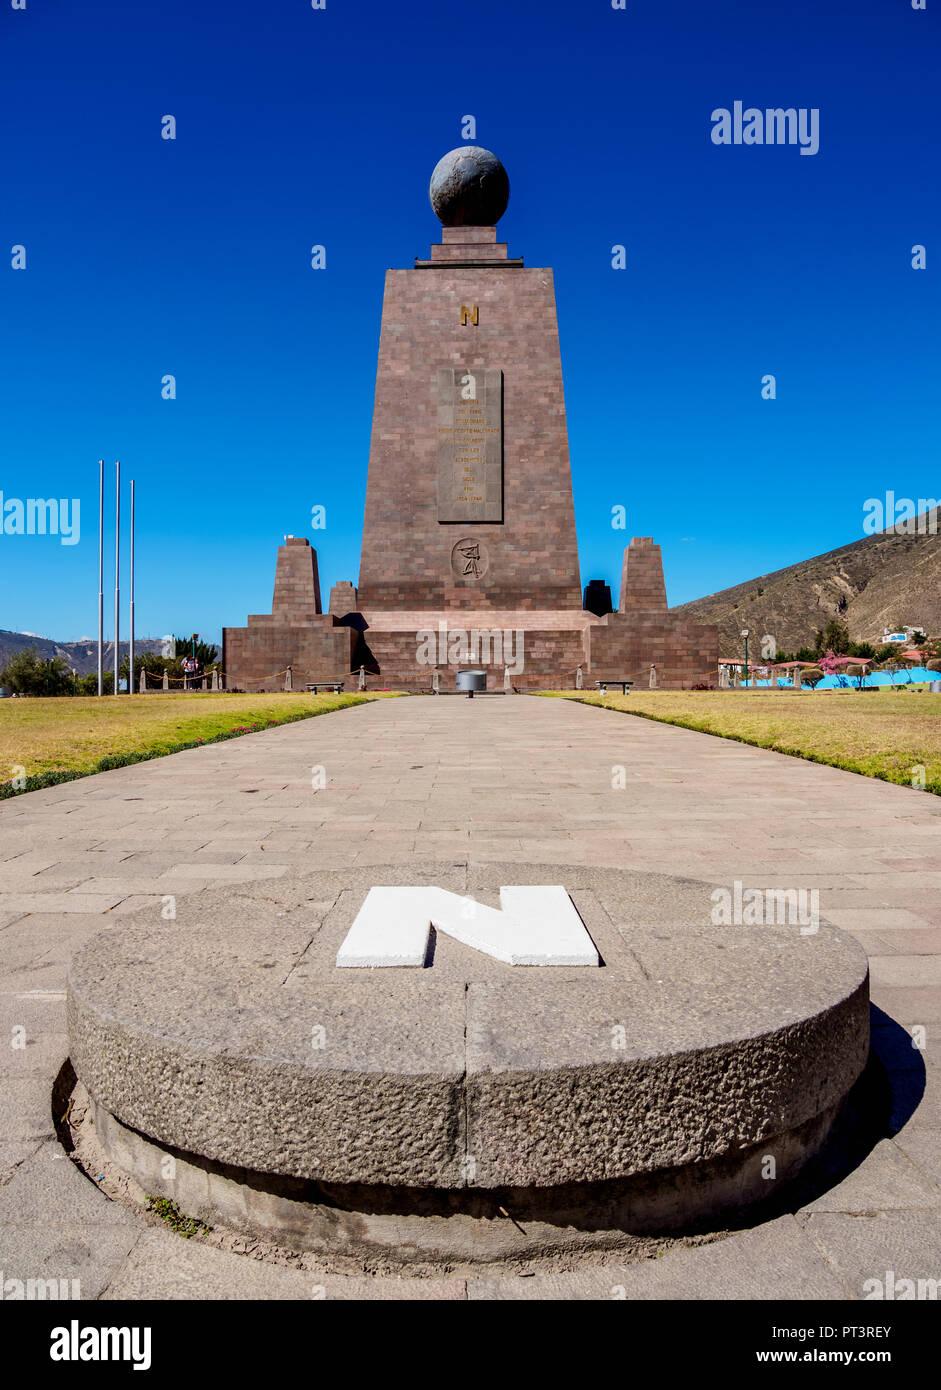 Denkmal Für Den äquator Ciudad Mitad Del Mundo Die Mitte Der Welt